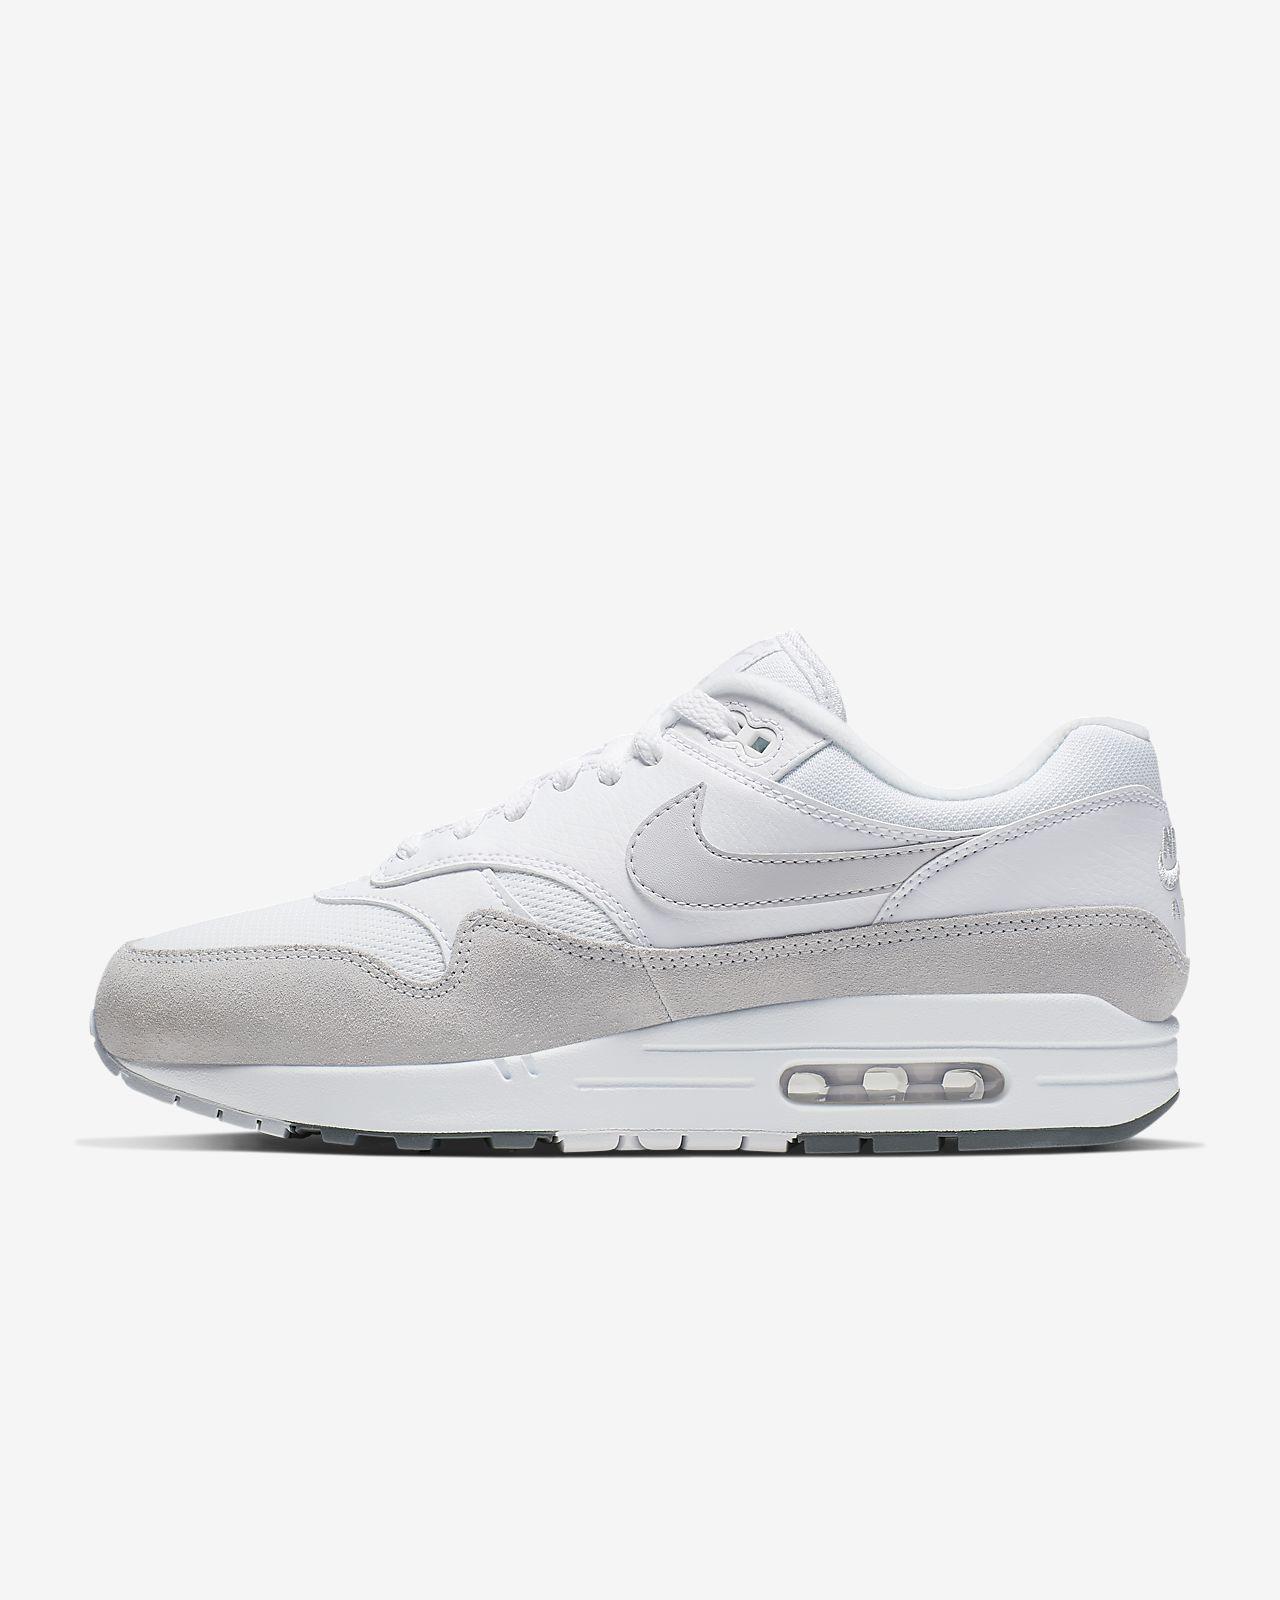 save off 60cec e5ab2 ... Sko Nike Air Max 1 för män